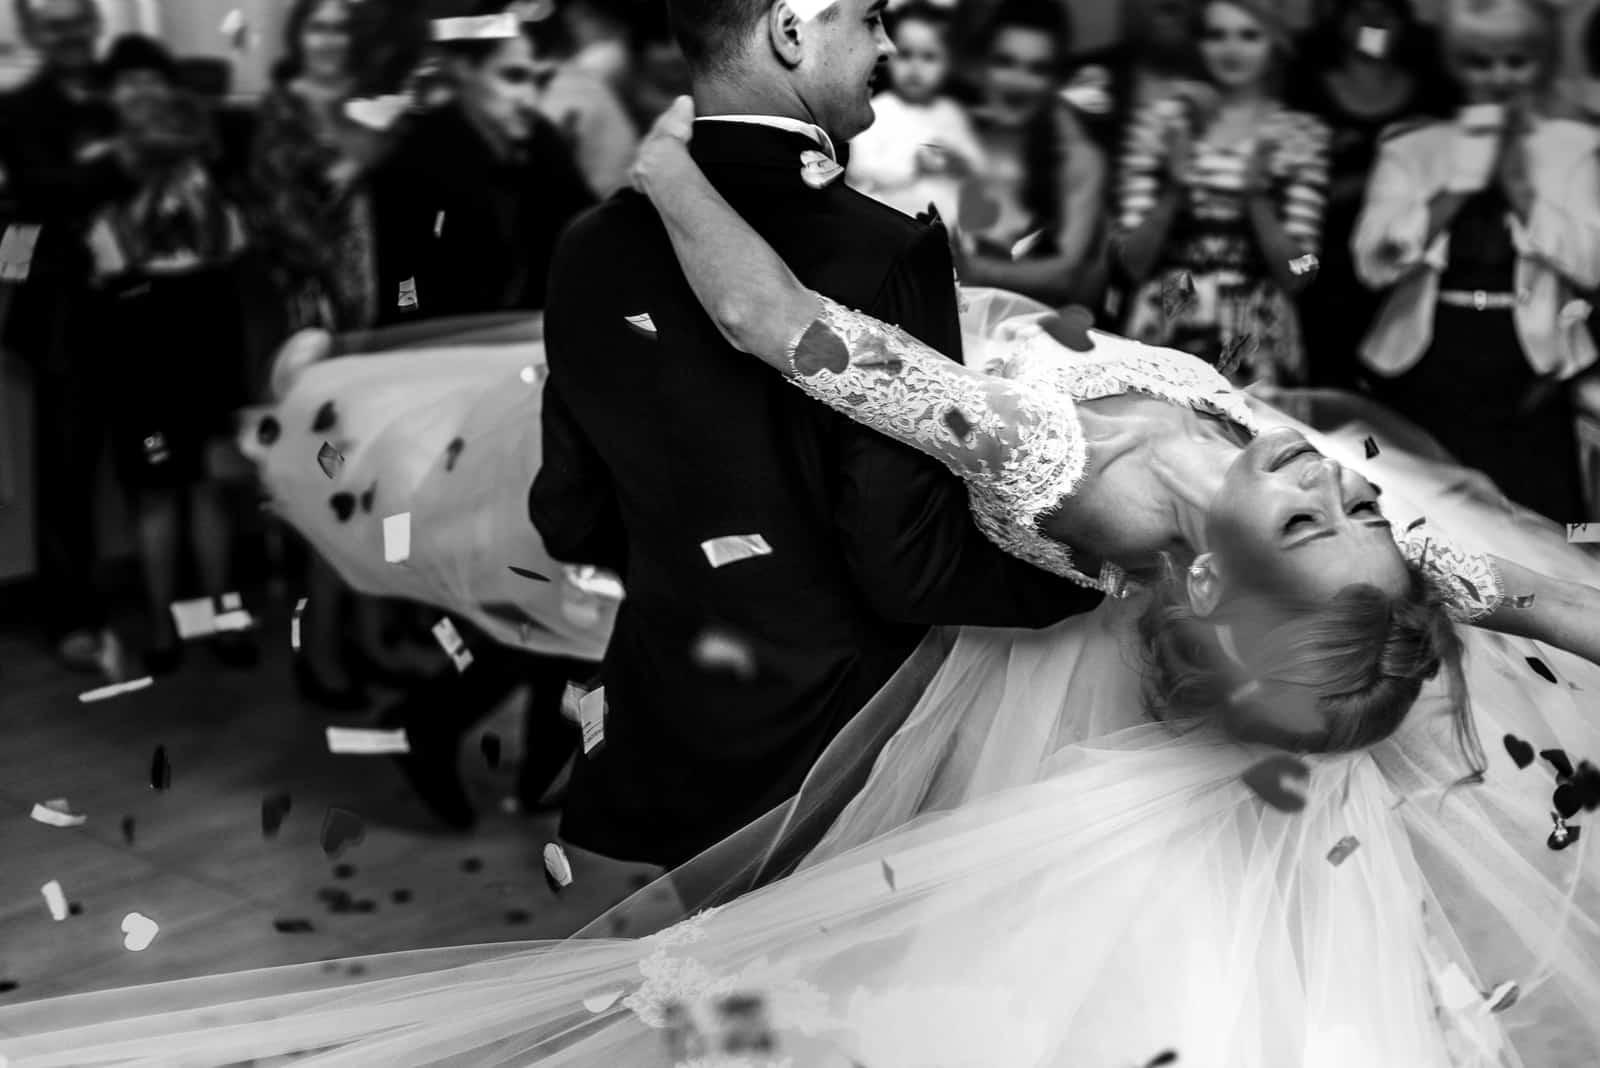 Romantischer Bräutigam und schöne Braut tanzen zuerst